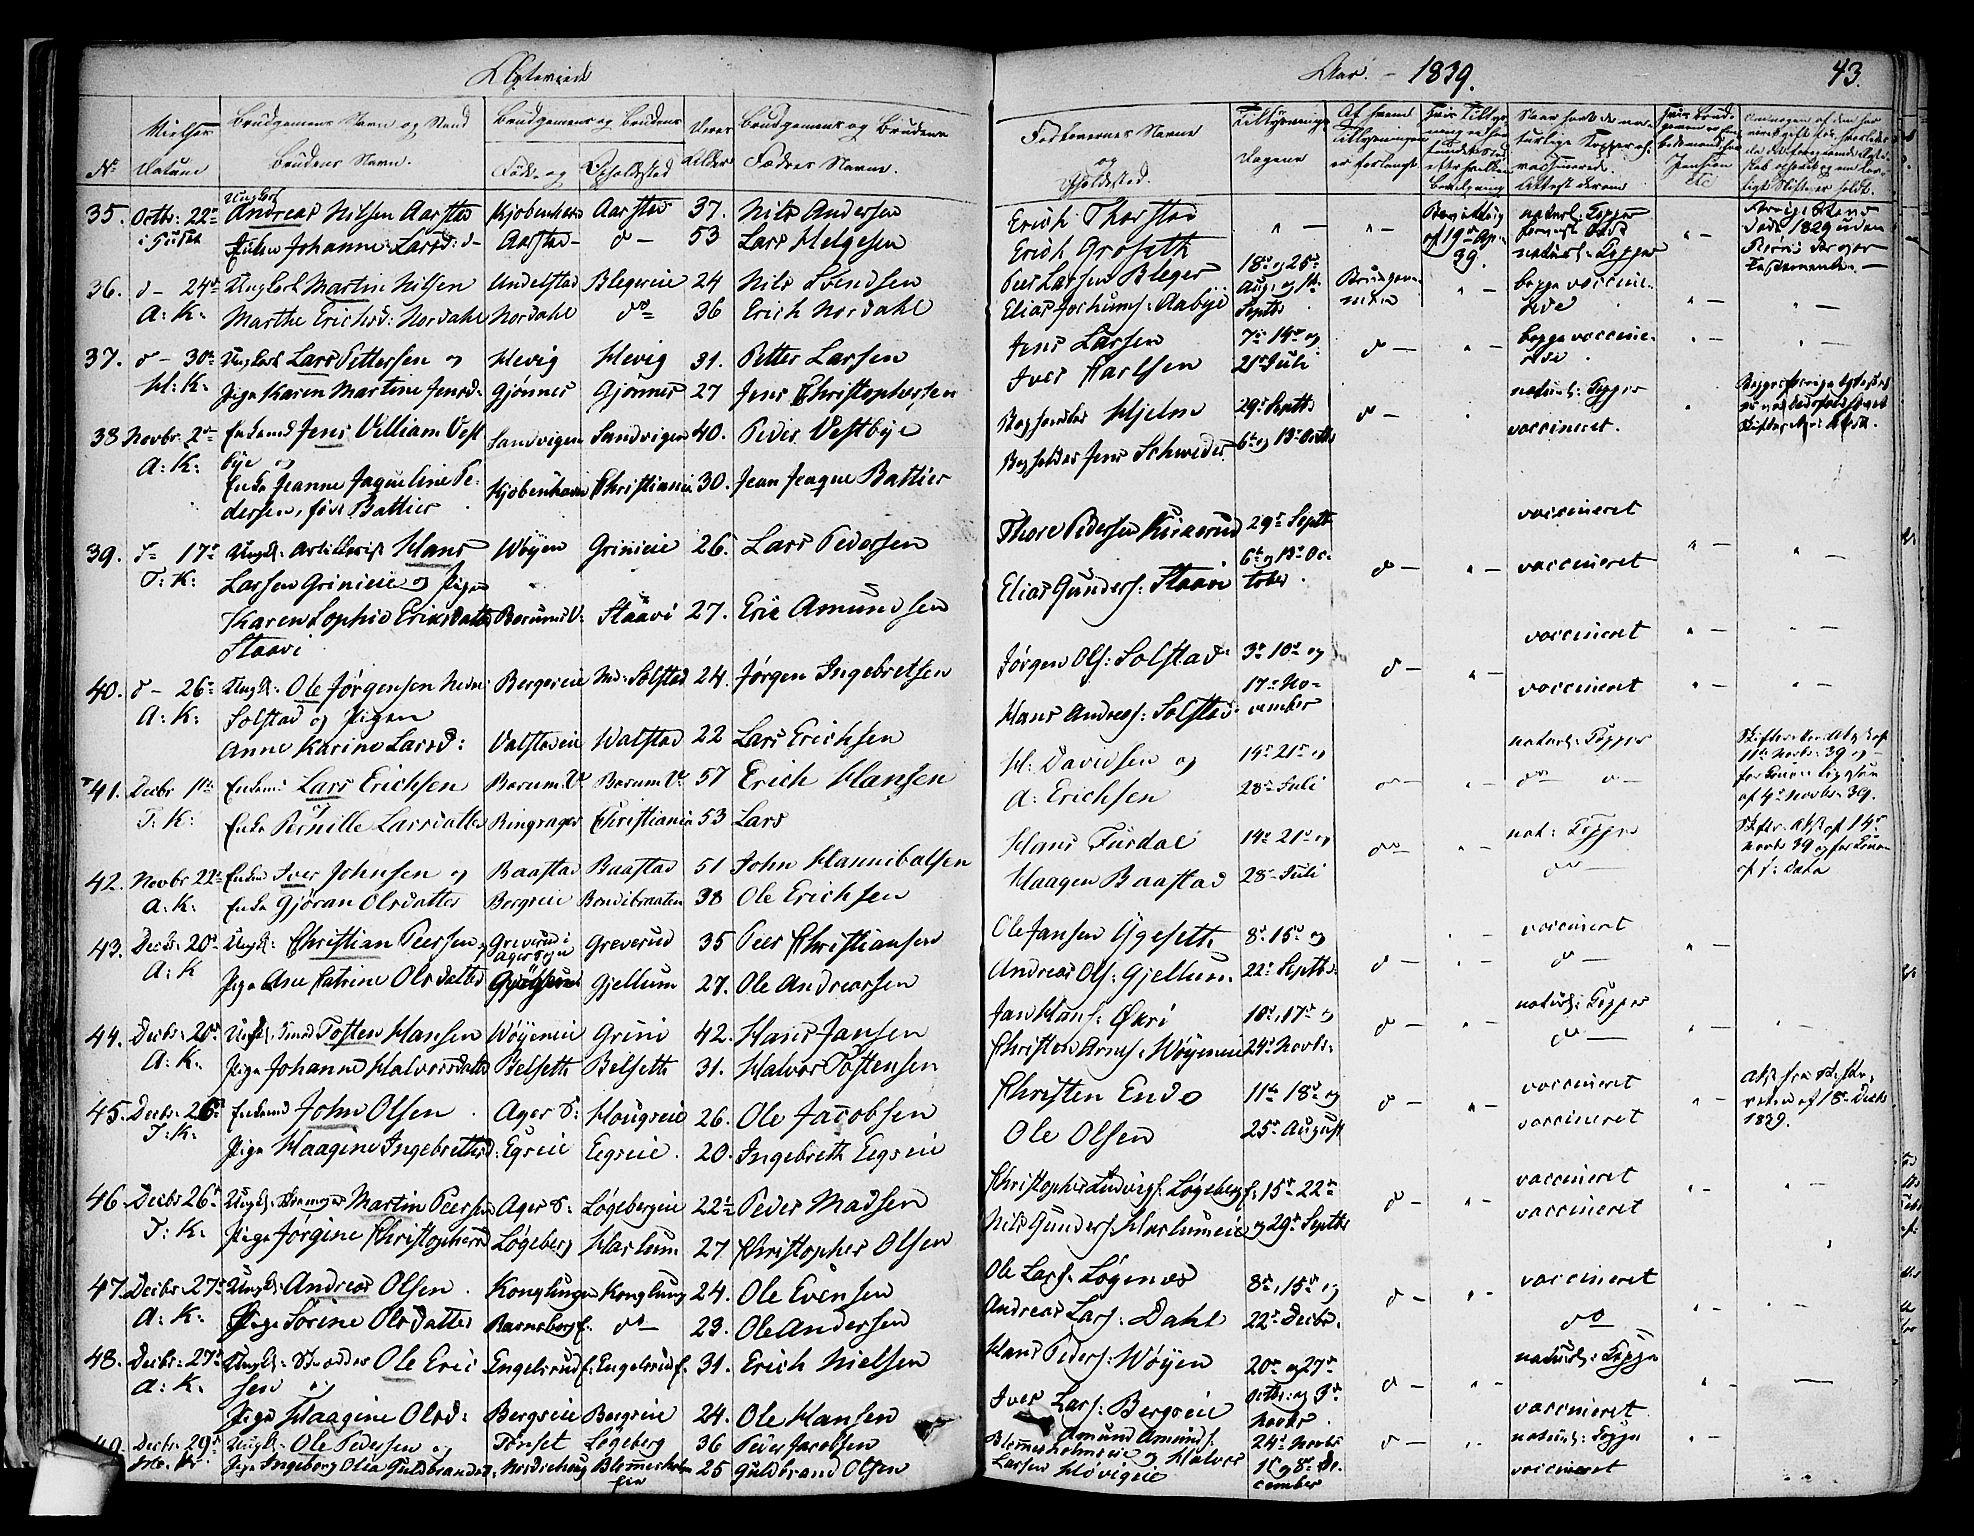 SAO, Asker prestekontor Kirkebøker, F/Fa/L0010: Ministerialbok nr. I 10, 1825-1878, s. 43